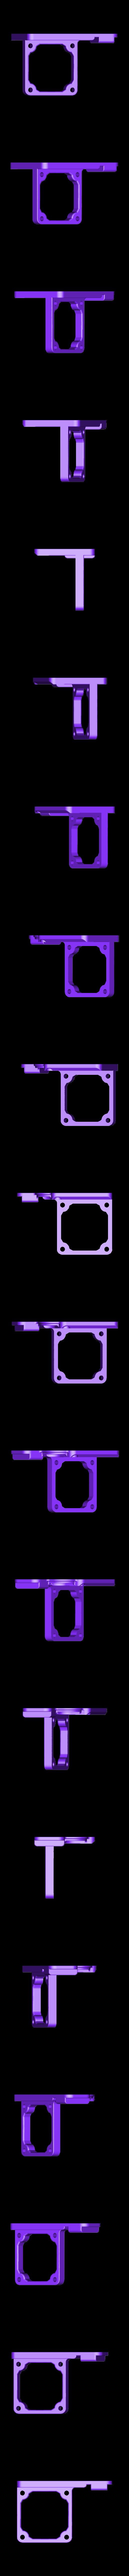 Artillery_X1_Genius_4010_Replace_Mount.stl Télécharger fichier STL gratuit Fichiers d'imprimante 3D Artillery X1 Genius Extruder Fan Replacement 4010 Mount Duct • Modèle pour imprimante 3D, mcp32